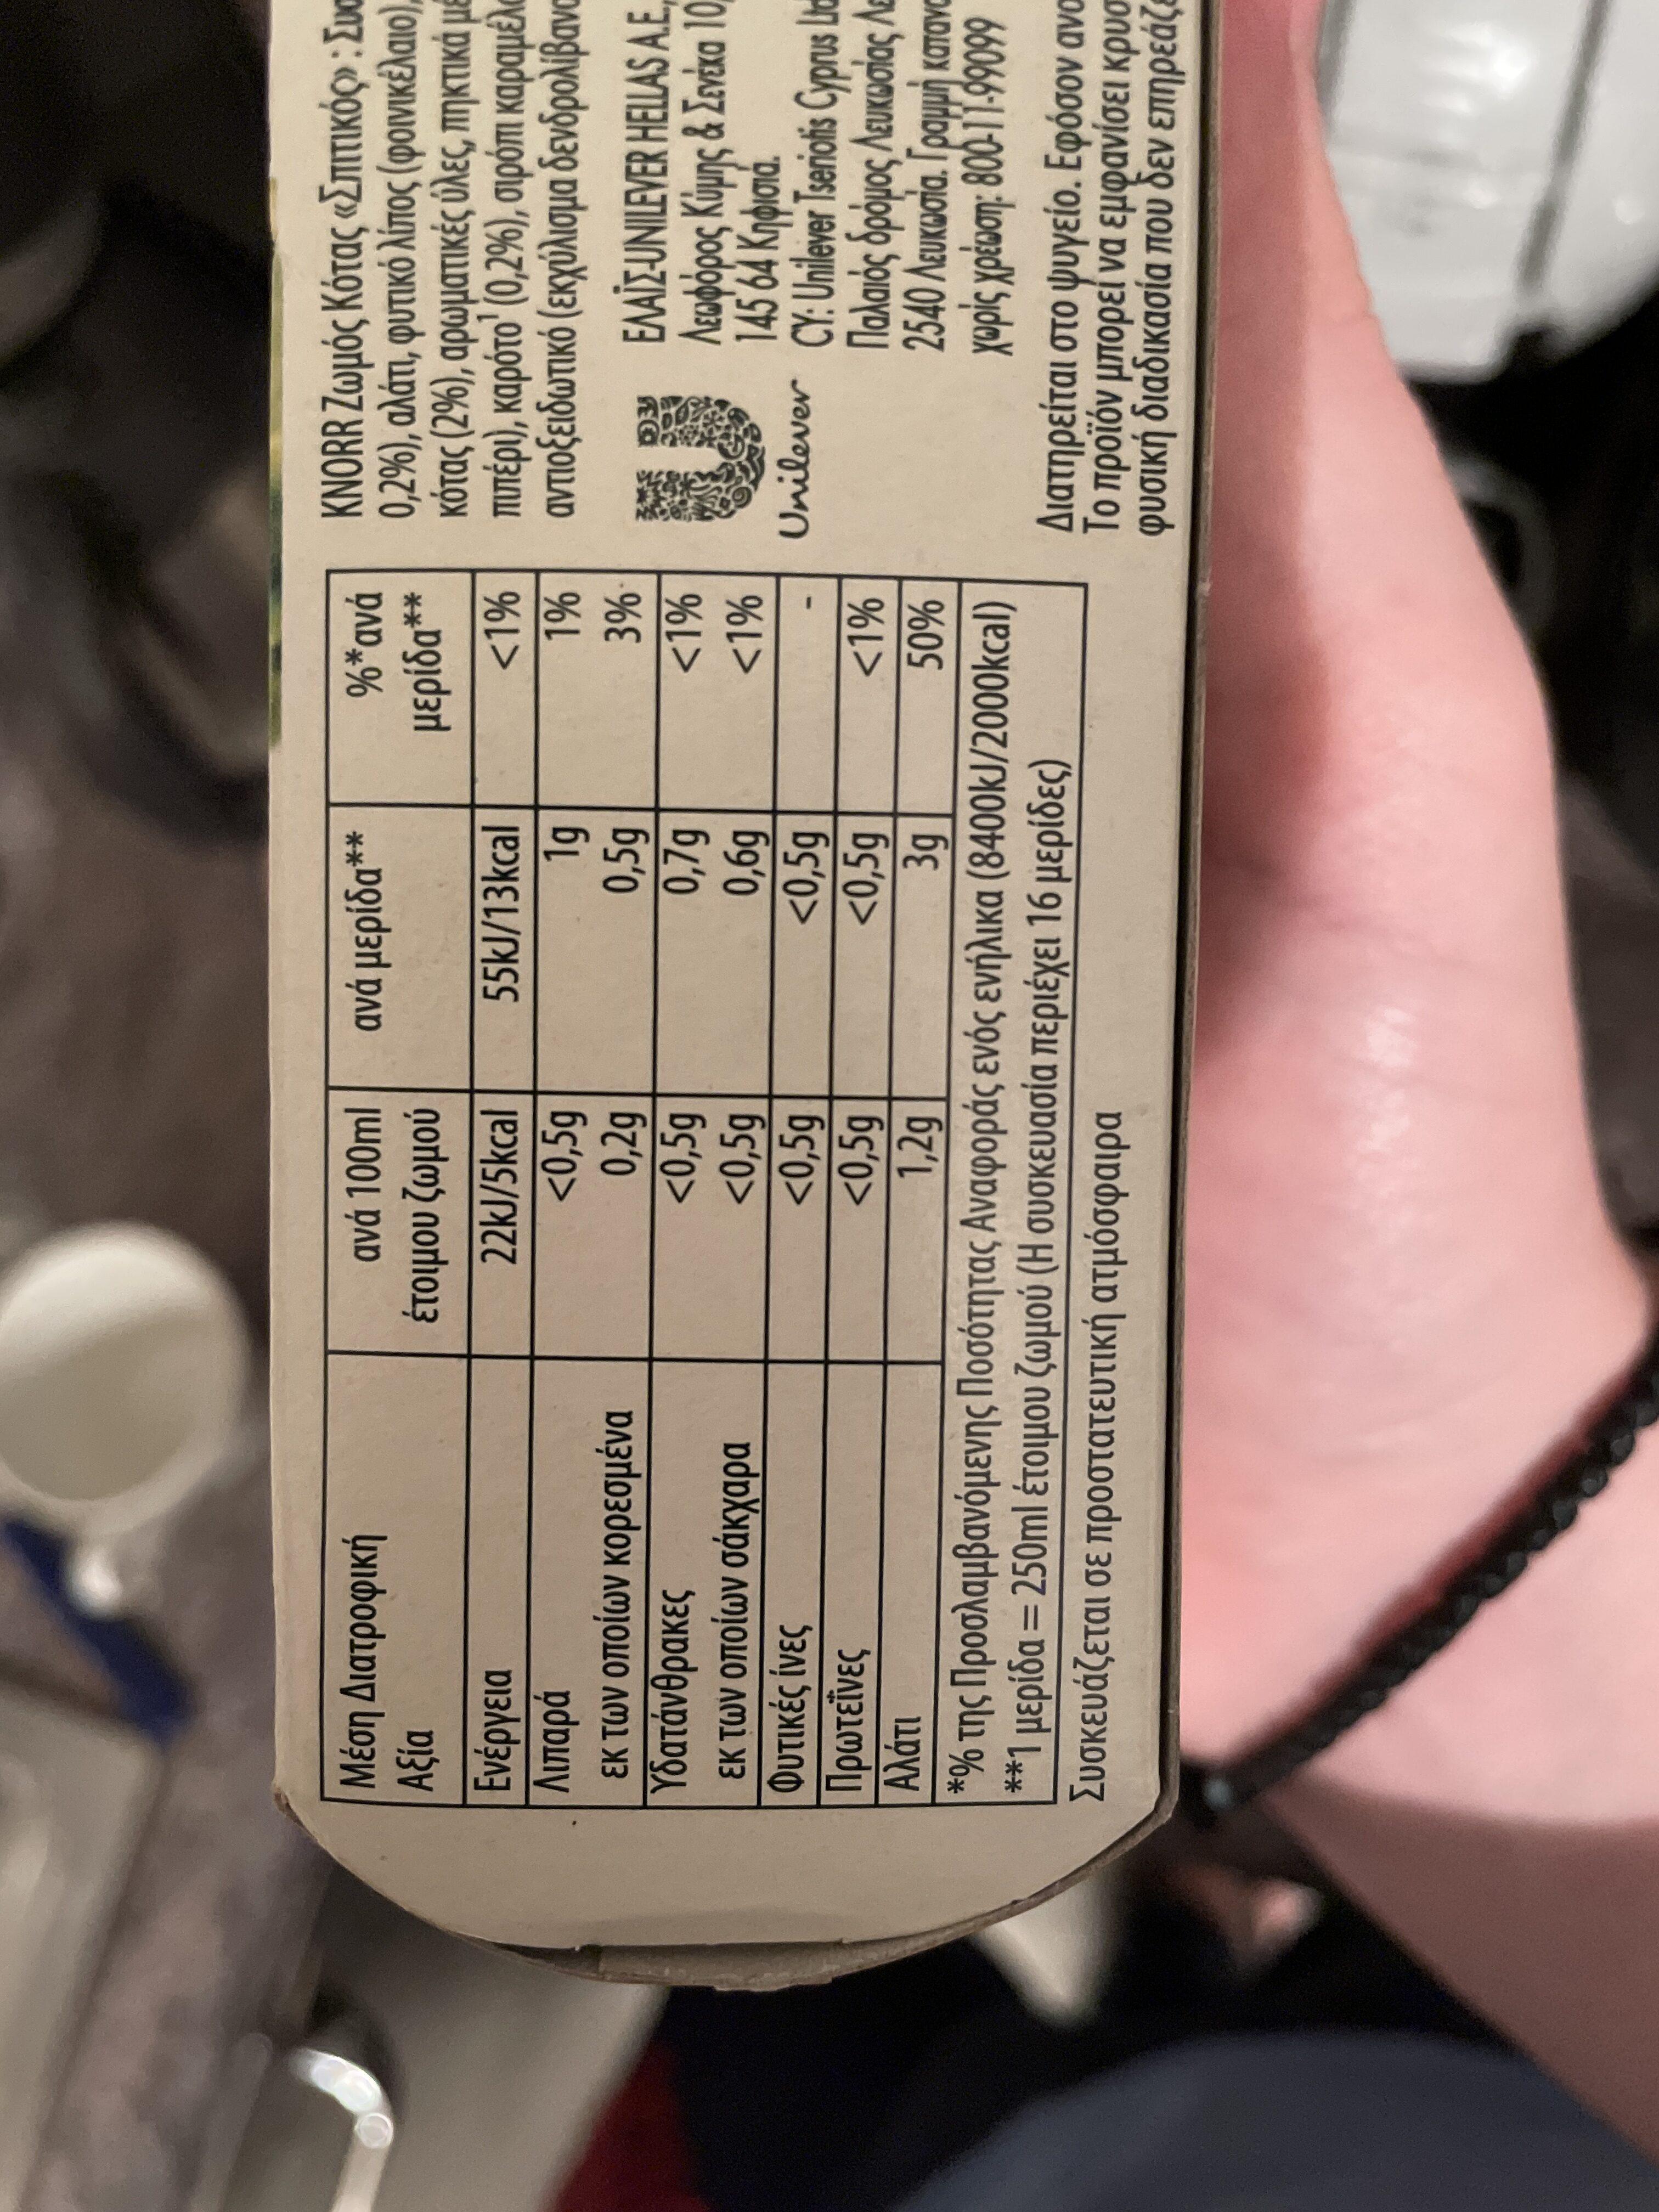 """Ζωμός Κοτας """"Σπιτικος"""" - Nutrition facts - en"""